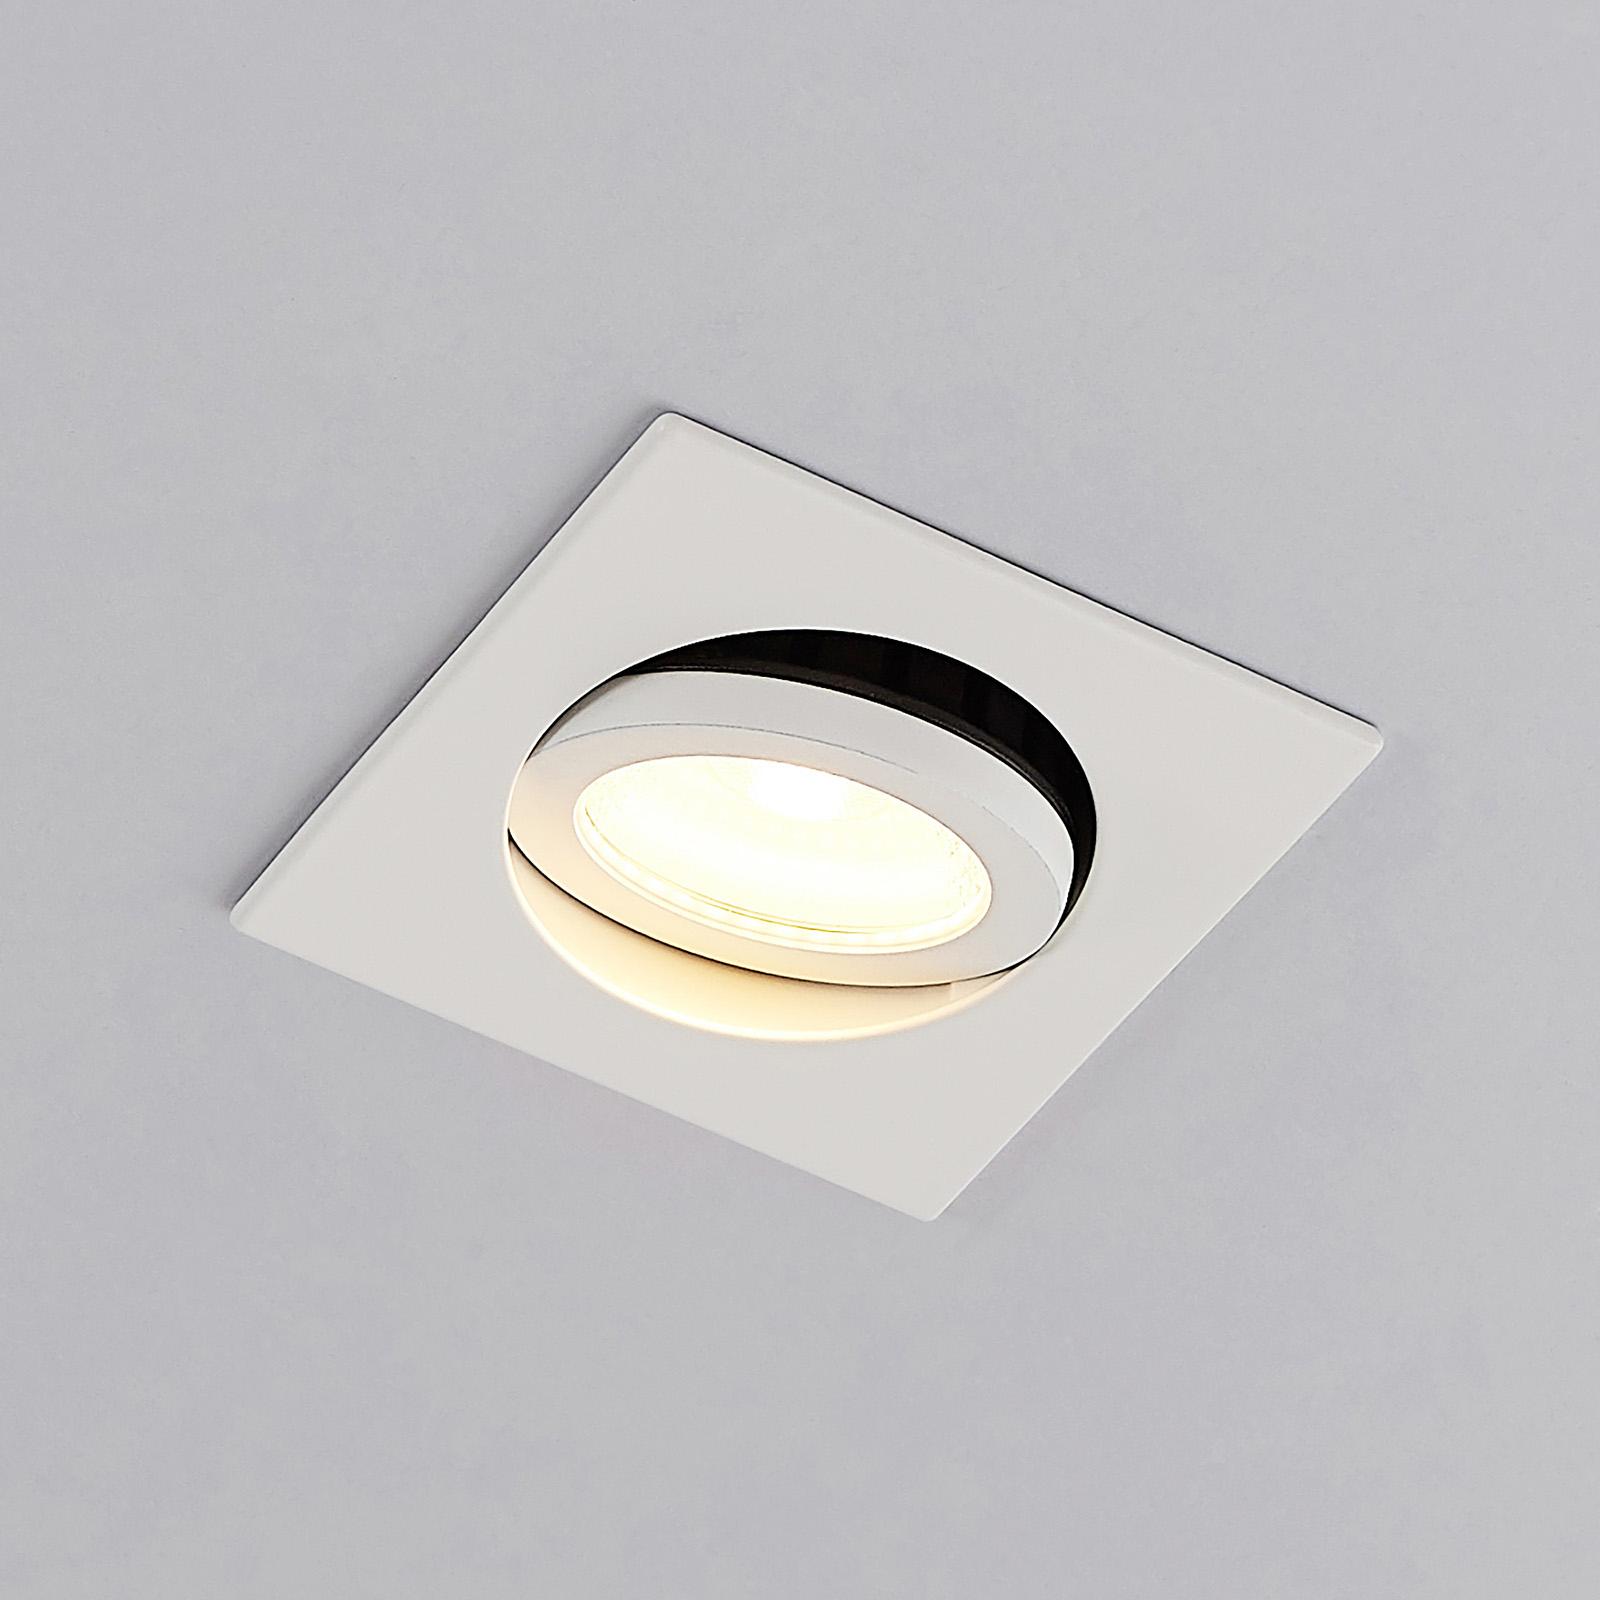 Arcchio Dacio downlight LED kątowy 36° IP65, 4W